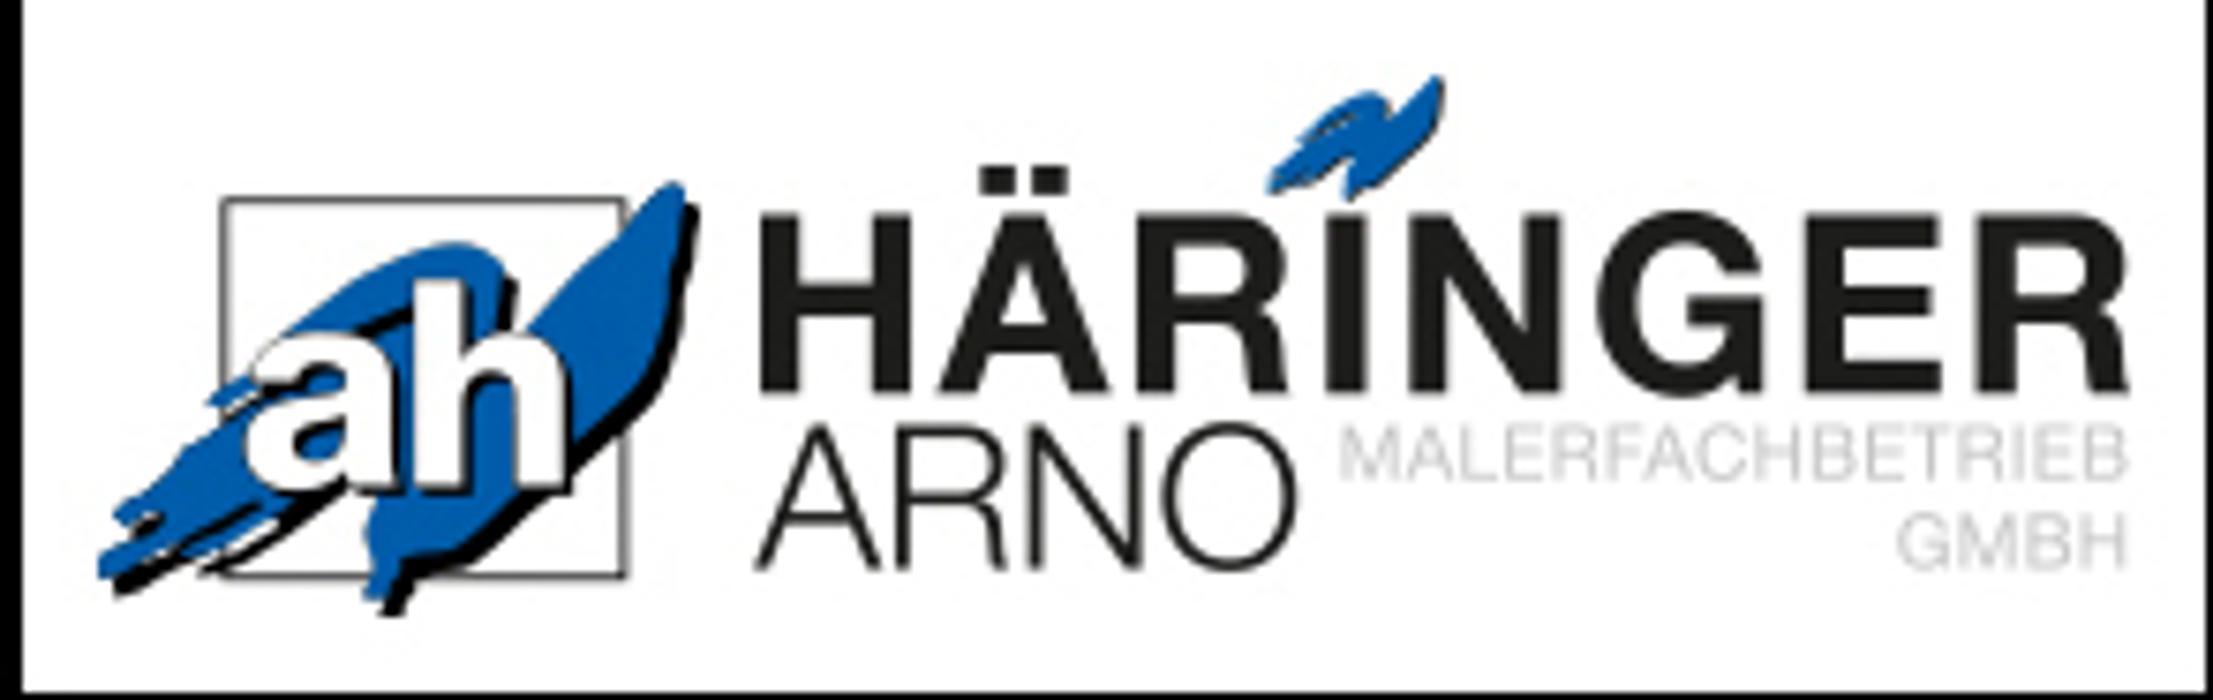 Bild zu Arno Häringer Malerfachbetrieb GmbH in Freiburg im Breisgau